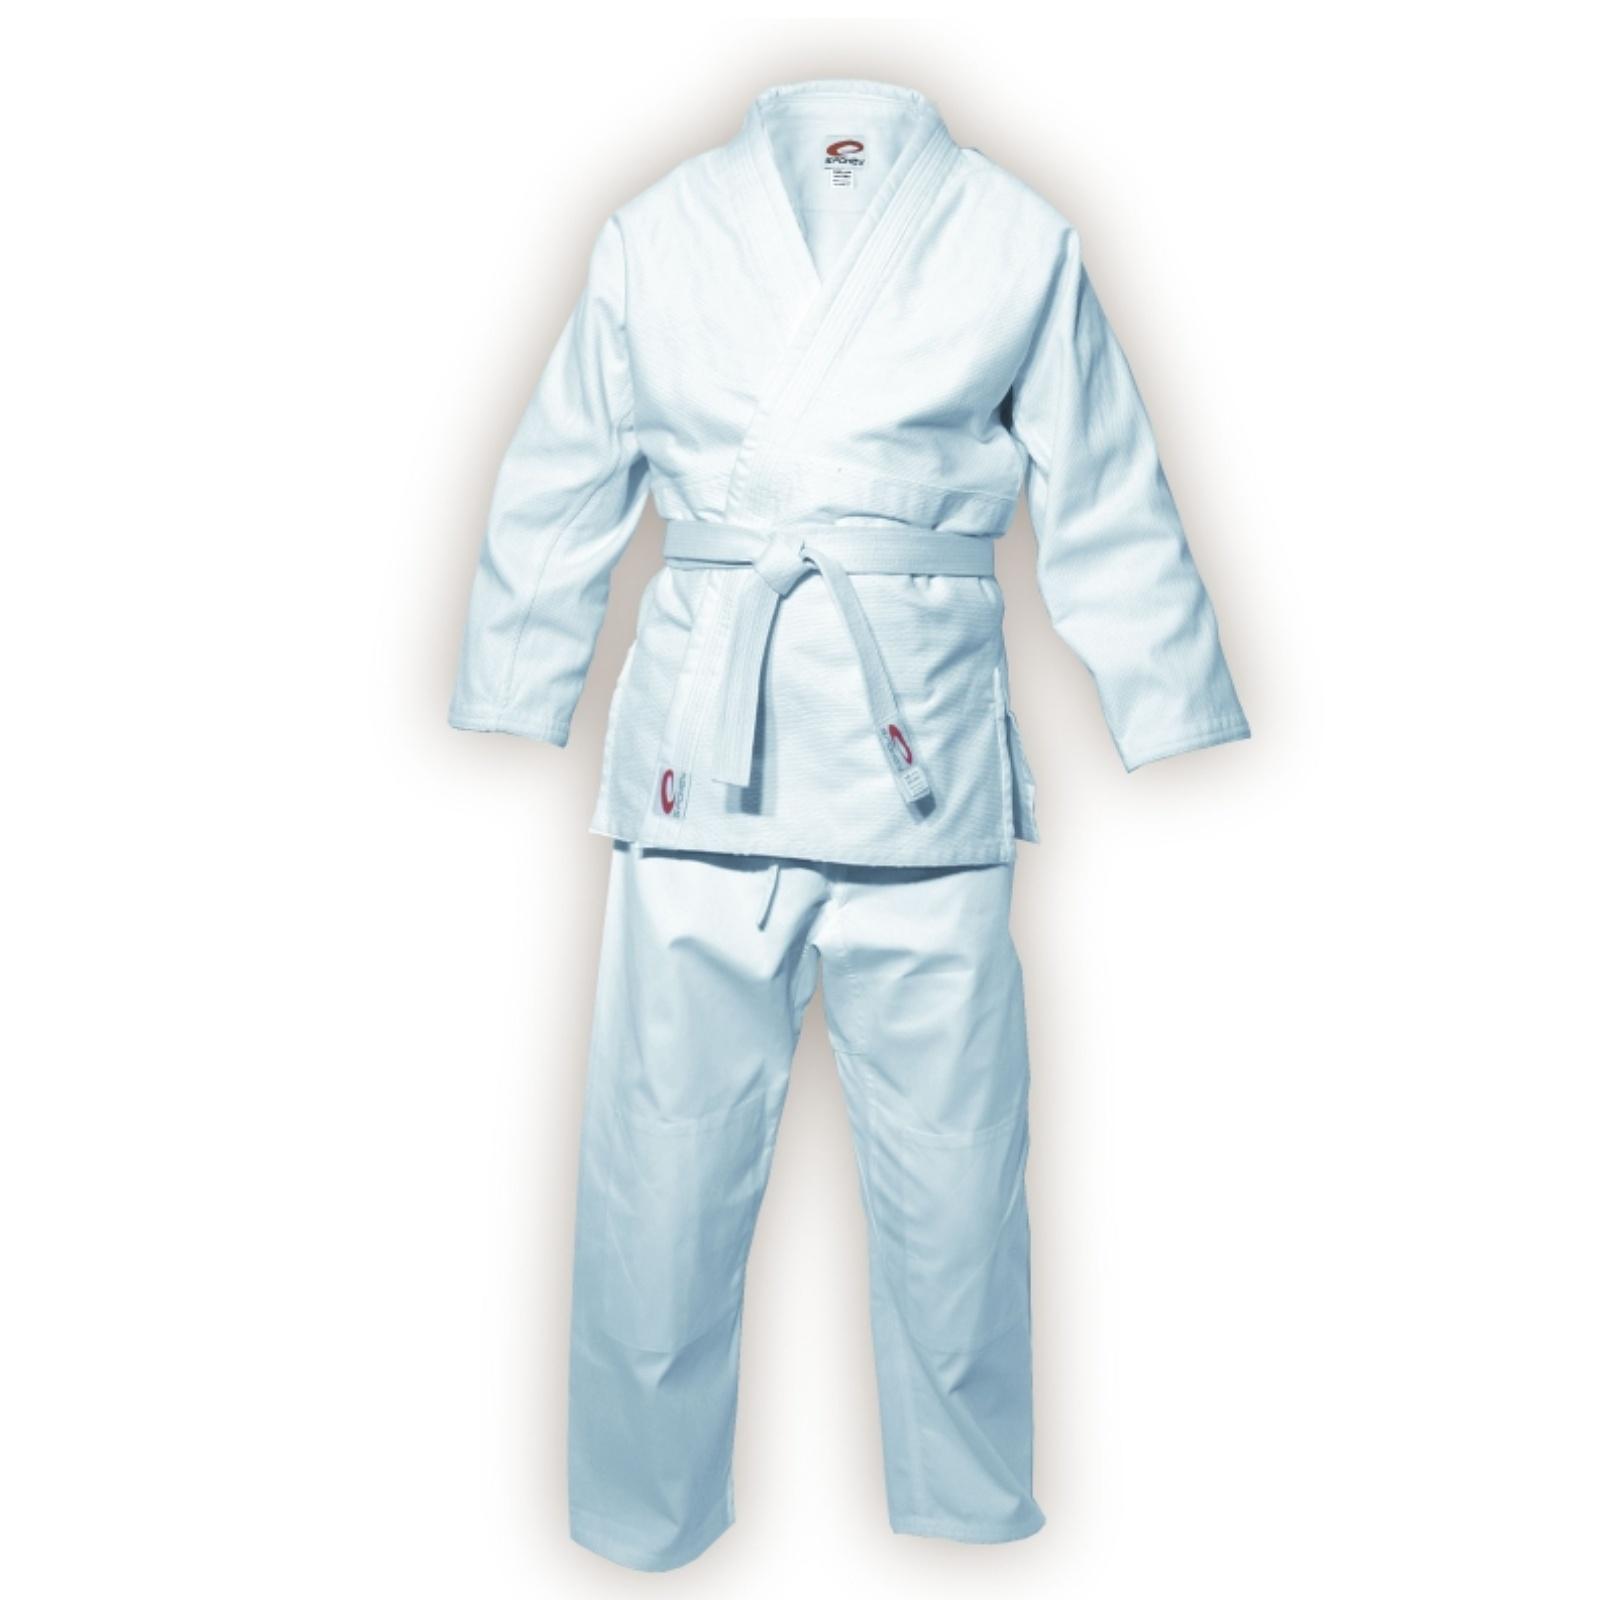 Kimono Judo TAMASHI bílé - 110 cm